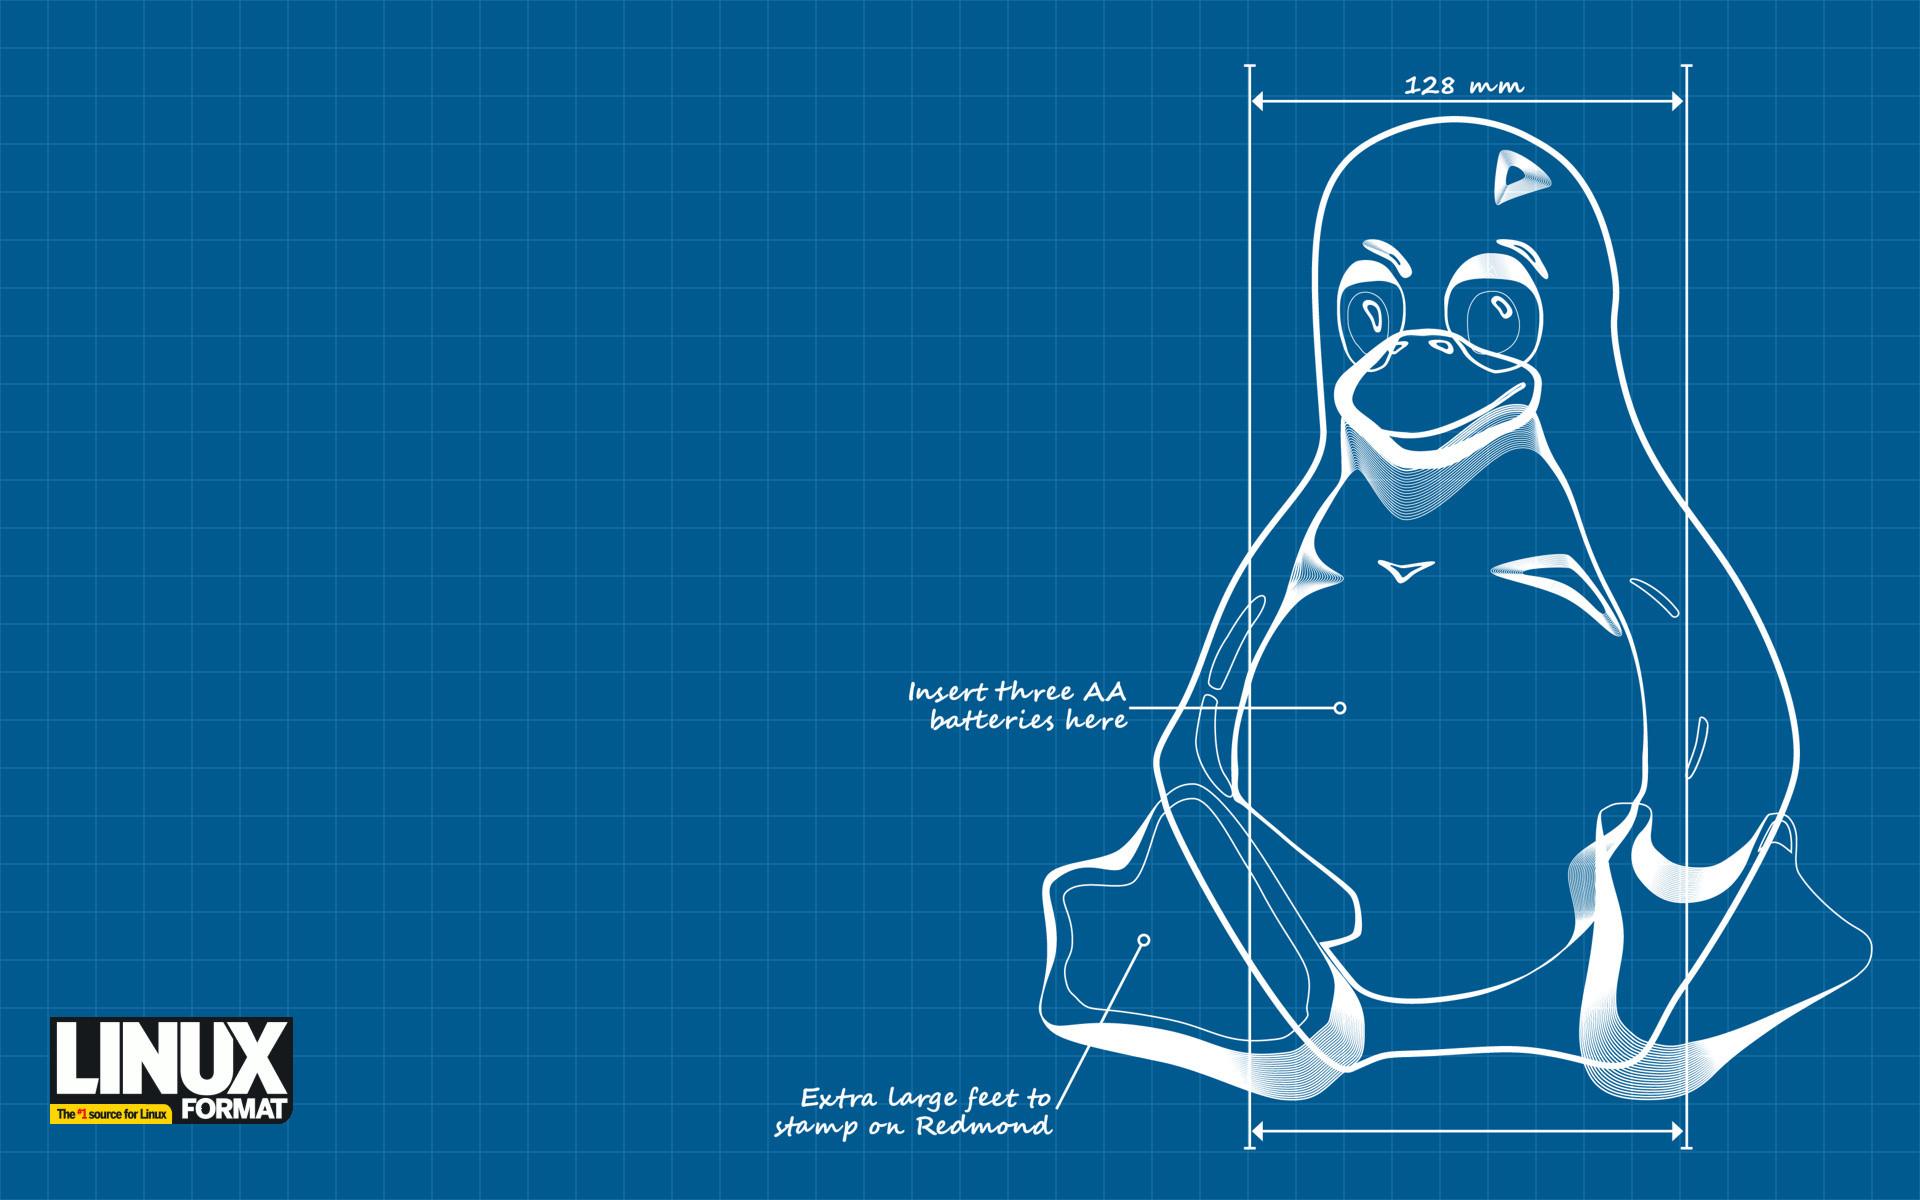 66 Kali Linux Wallpaper Hd